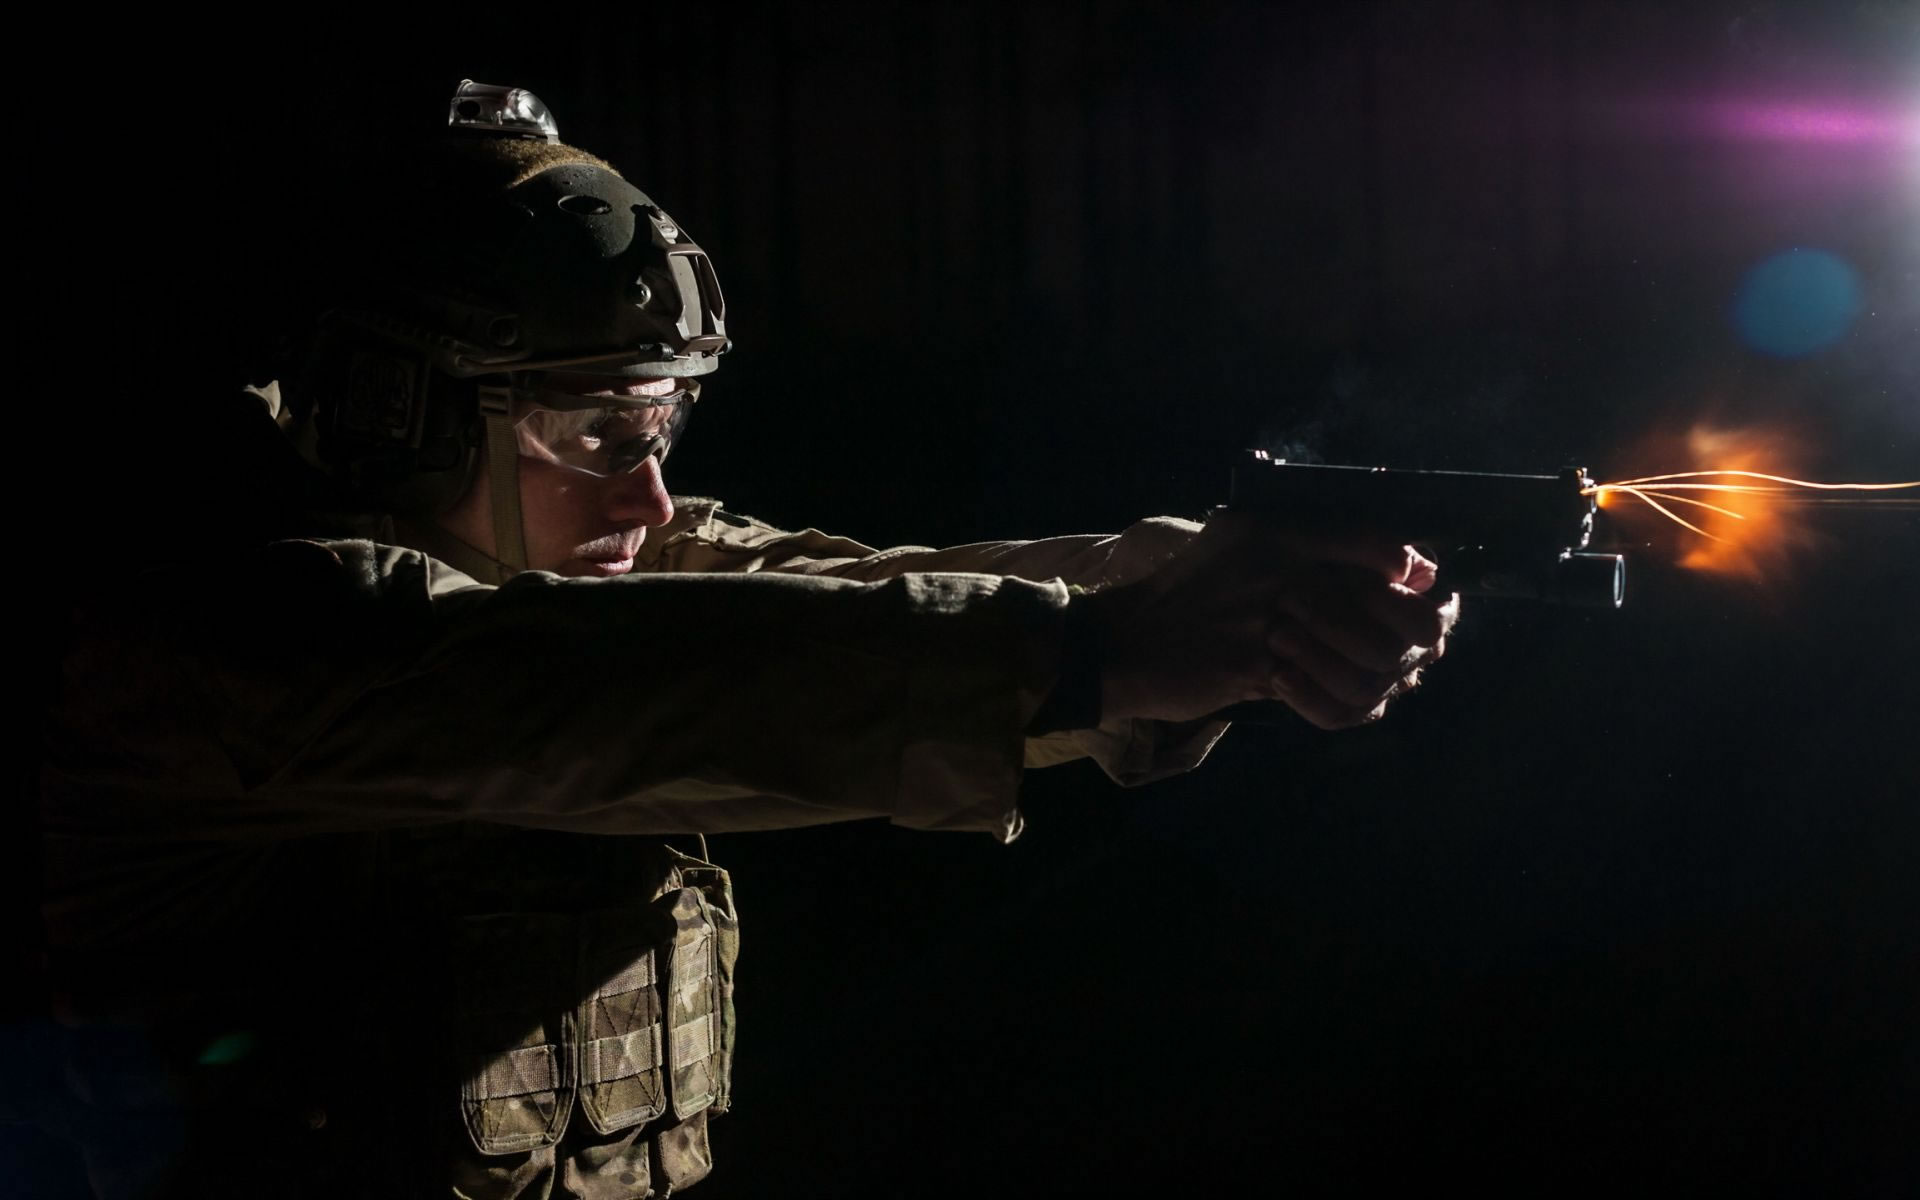 Fondos Militares Soldado Disparando